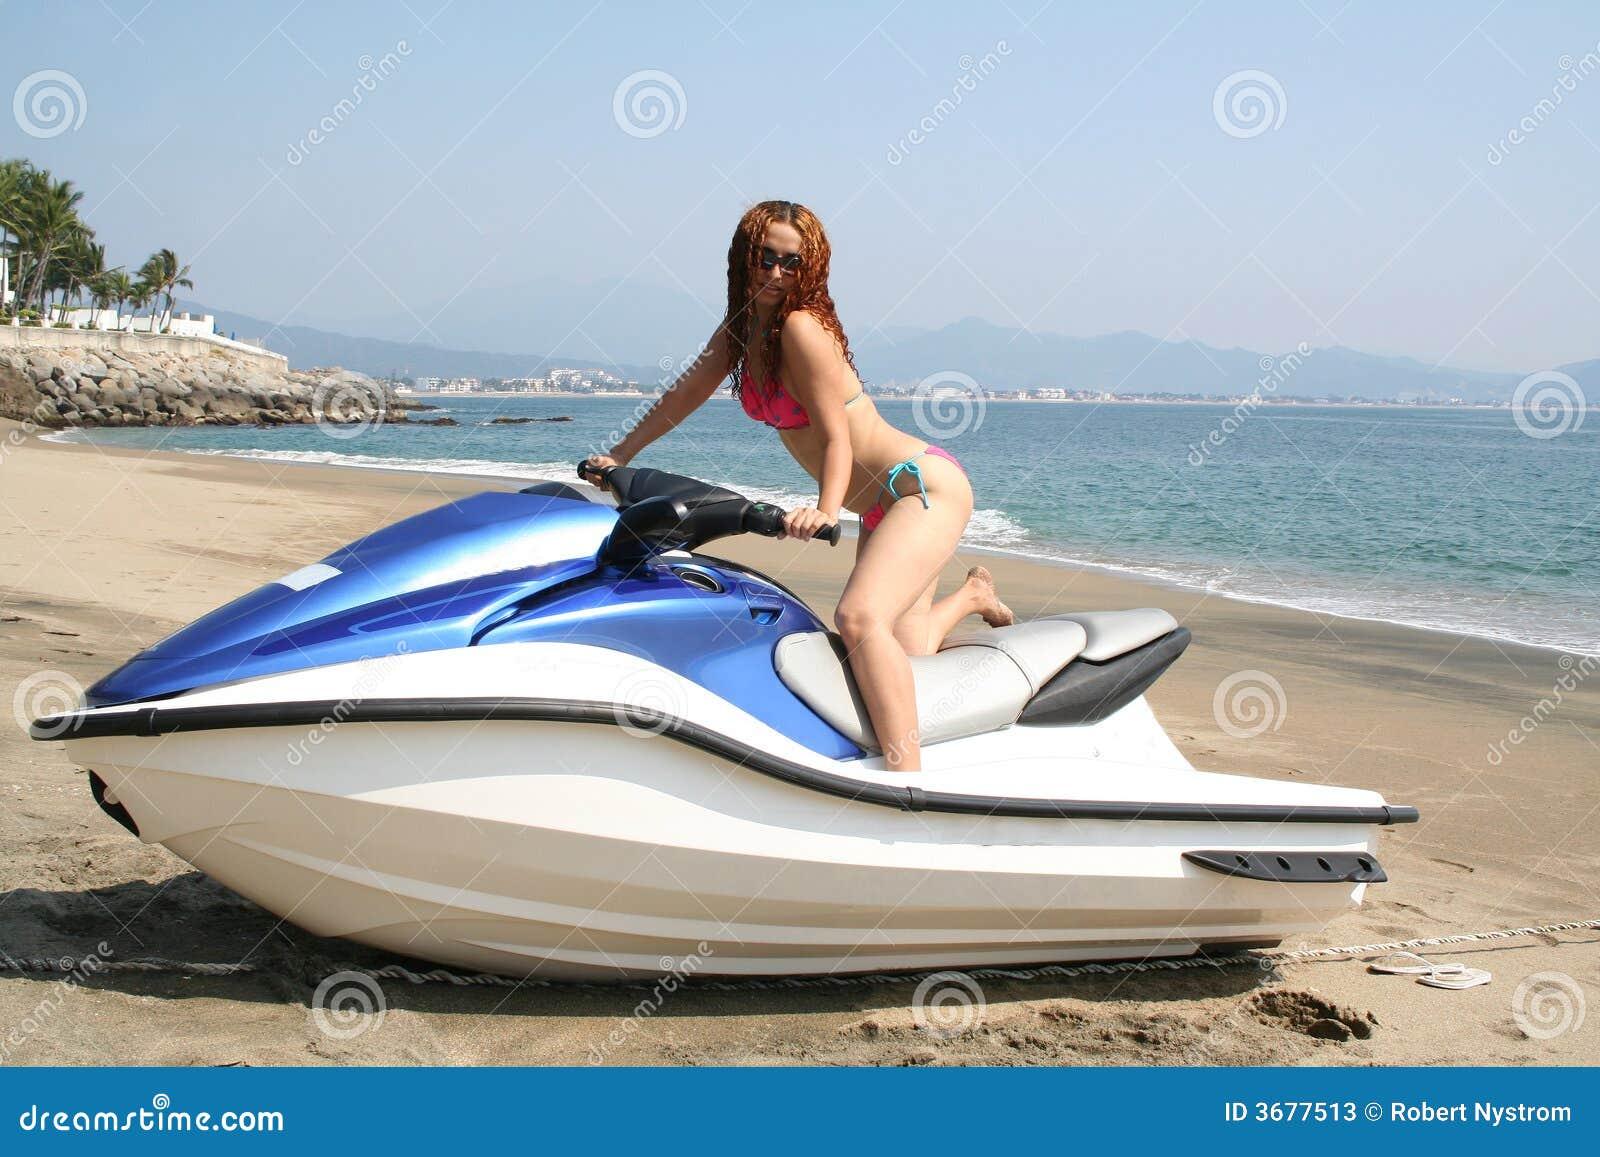 Download Pattino del jet immagine stock. Immagine di erotic, posizione - 3677513